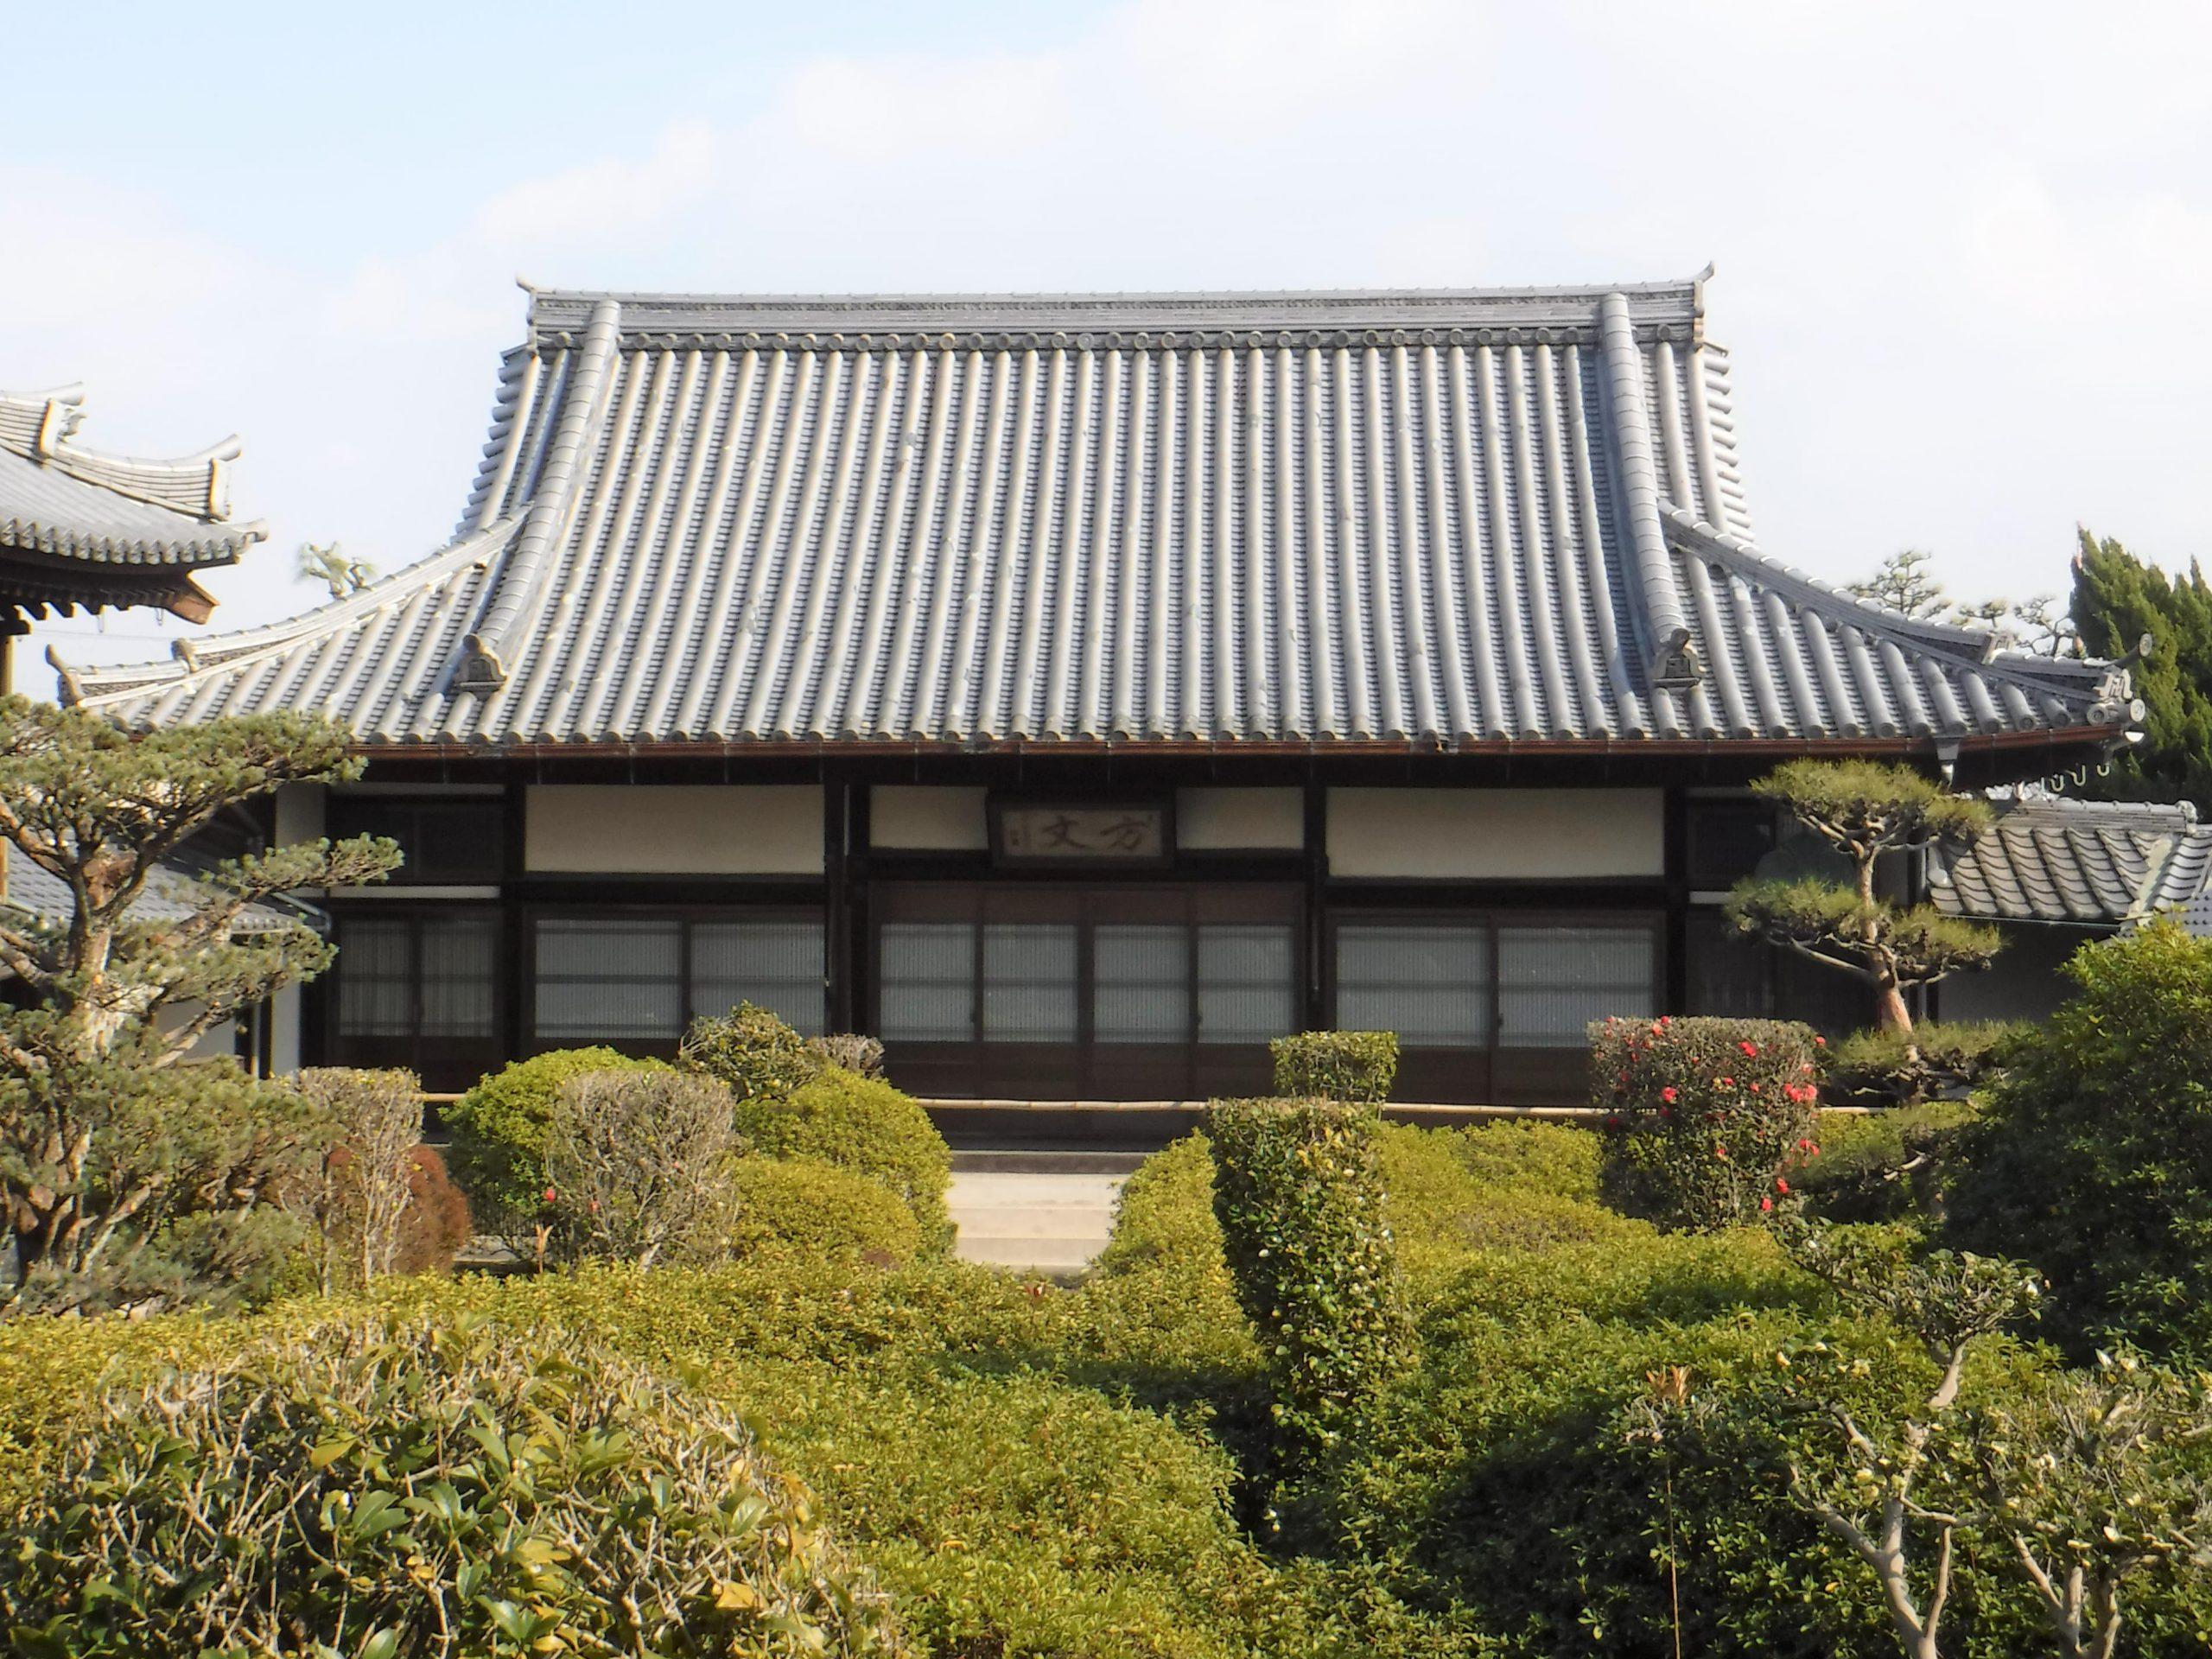 <p>方丈(市指定)</p>大雄宝殿と庭をはさんで西向きに建つ、25畳間一室のものである。